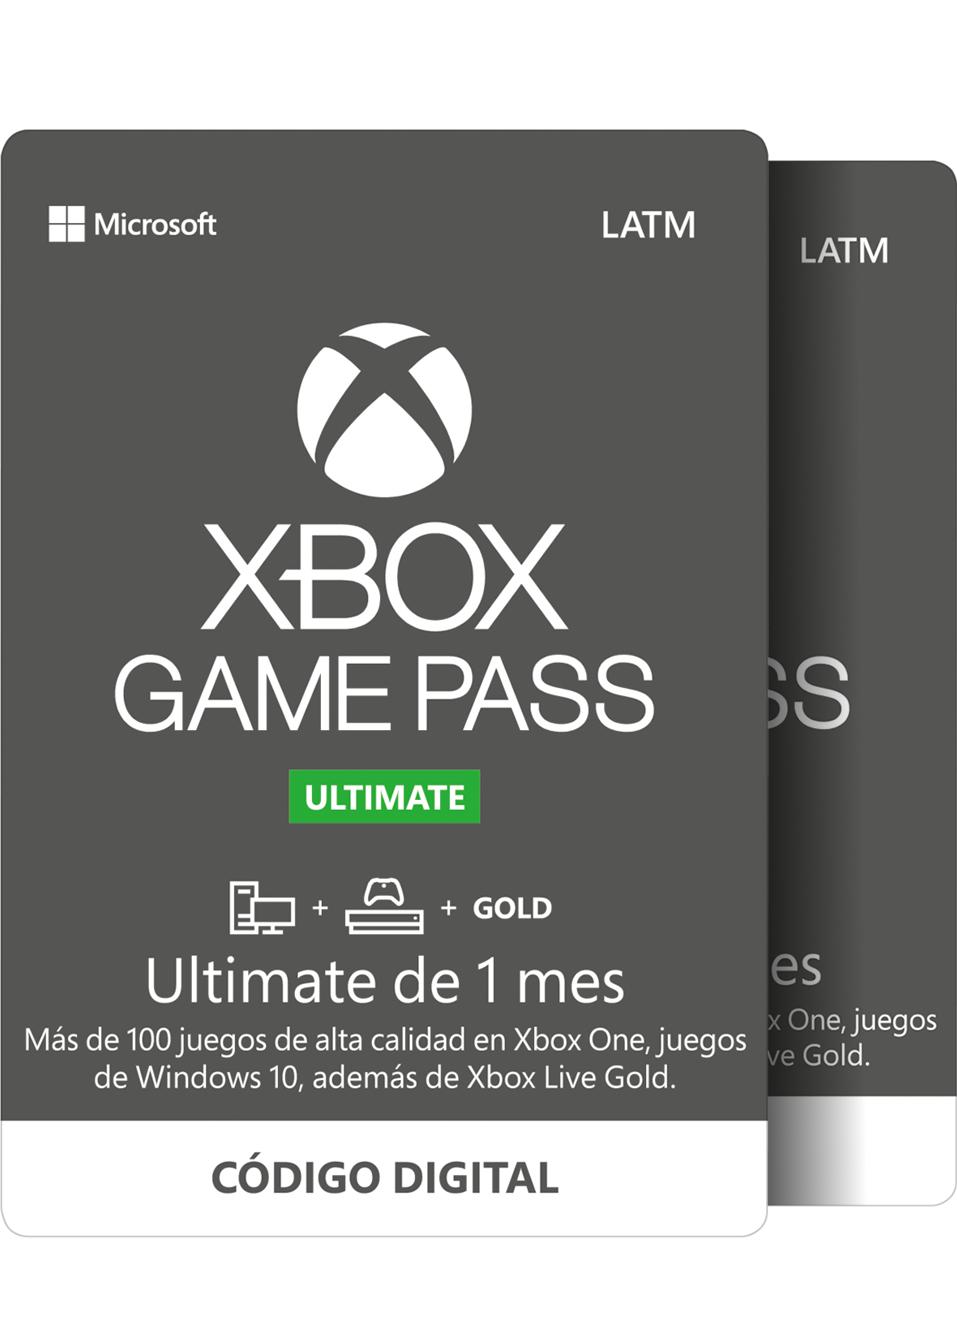 Xbox Game Pass Ultimate 1 mes gratis en la compra de 1 mes (2x1) en Claners